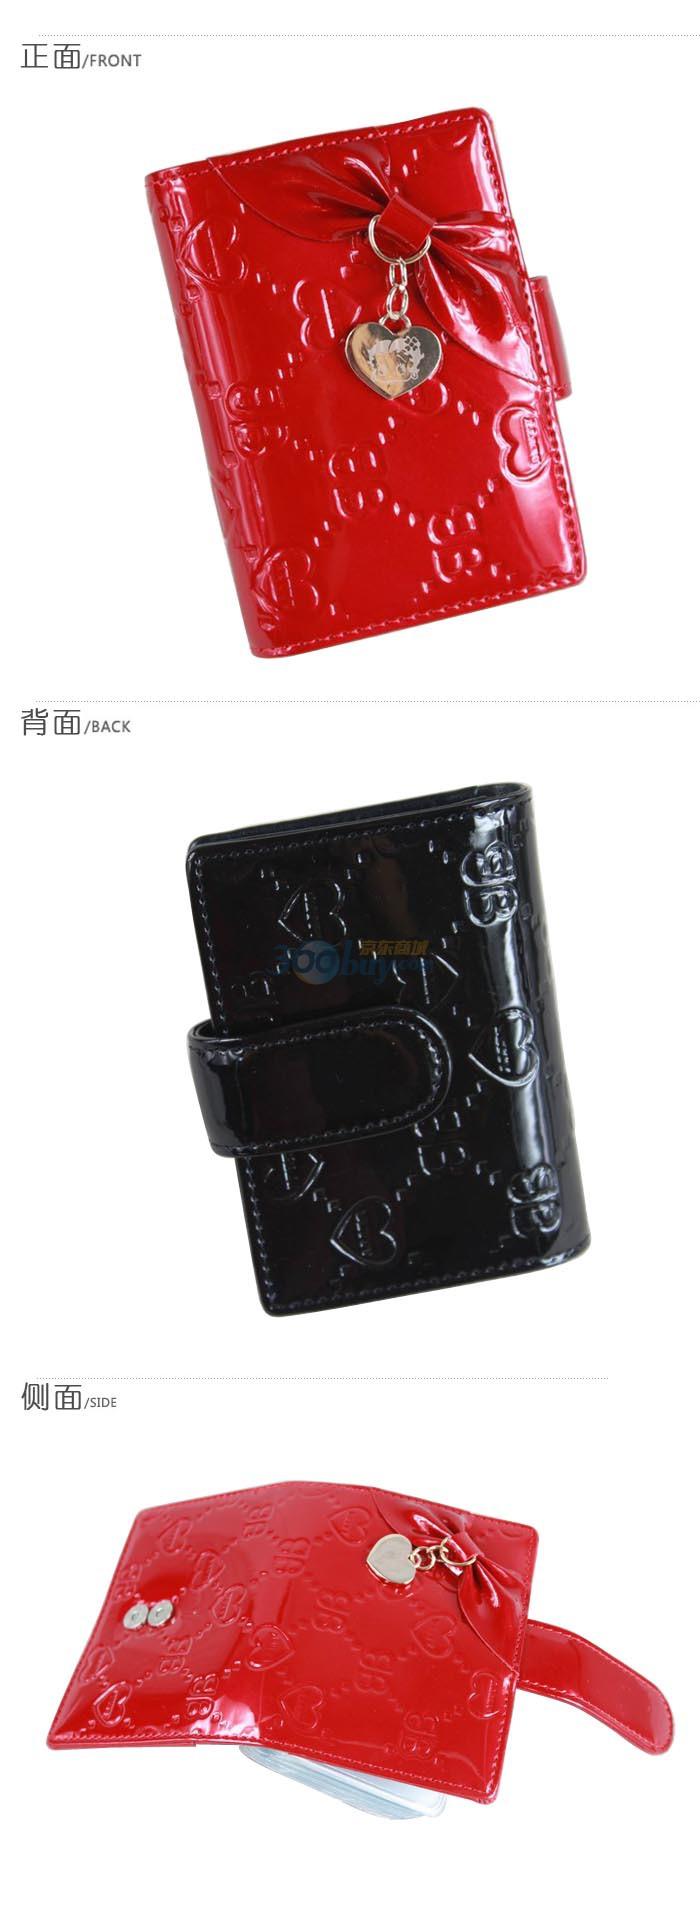 betty贝蒂新款可爱卡通女士钱包卡包a6161-7